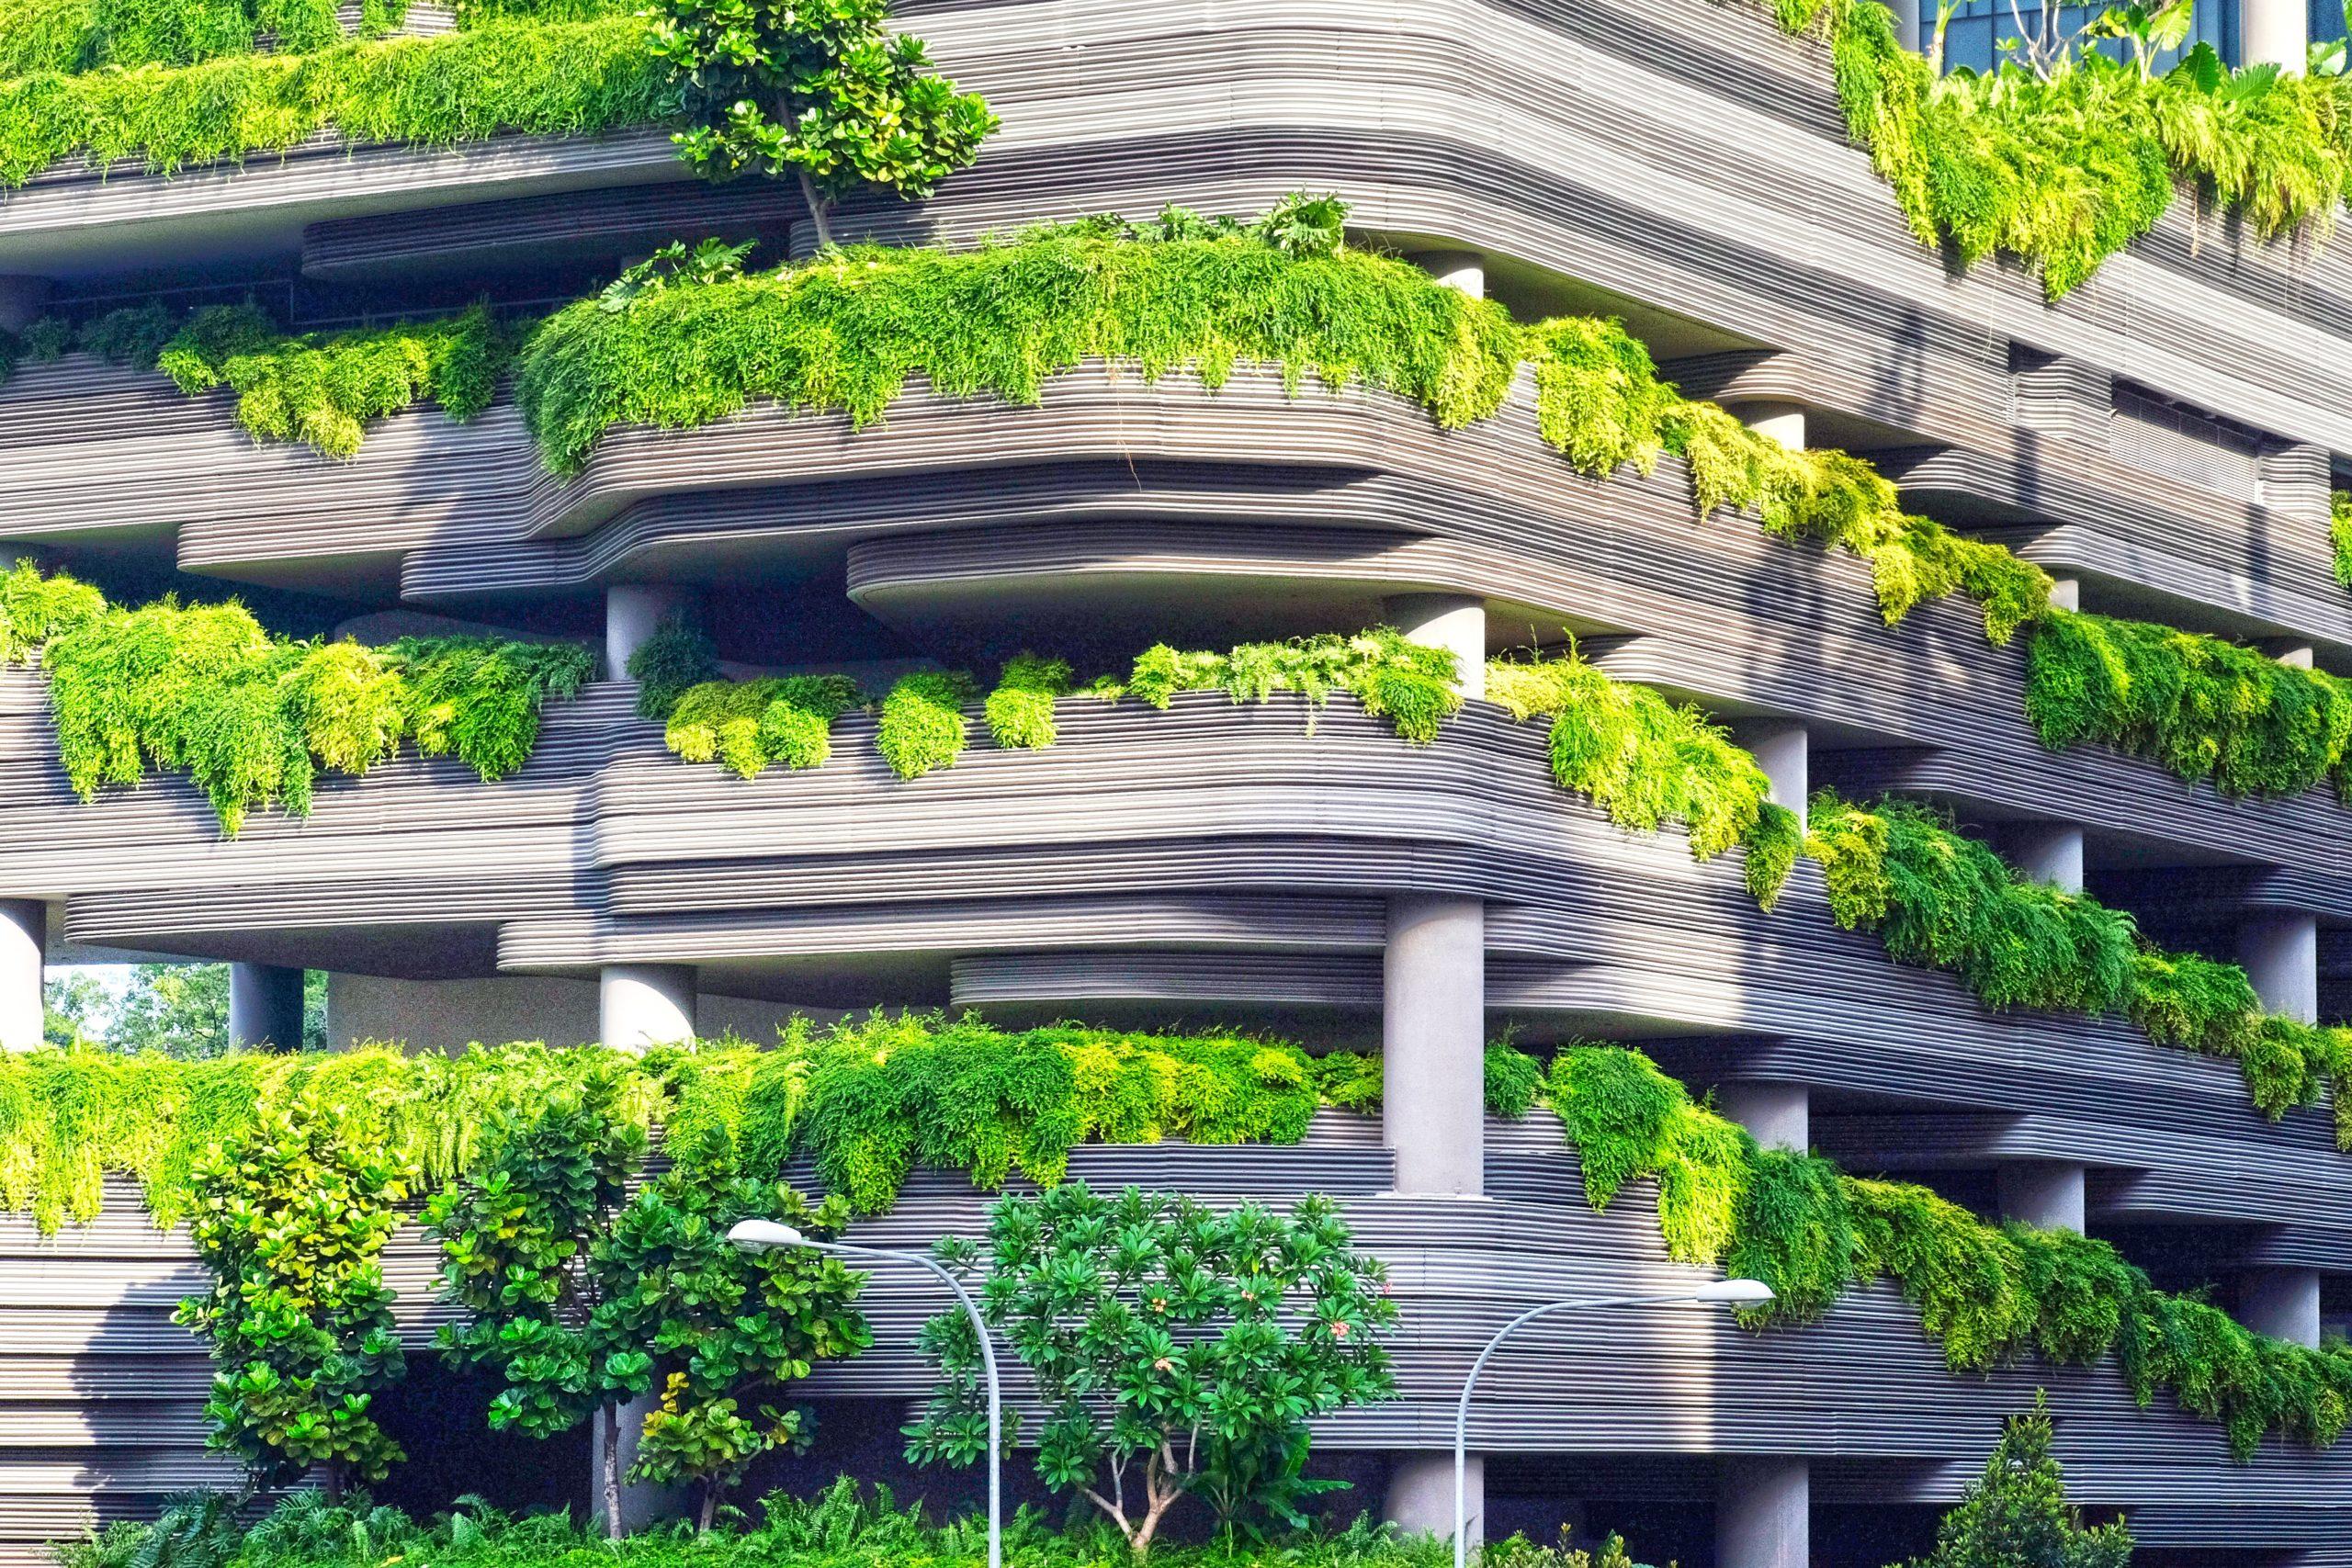 Villes énergie REN21